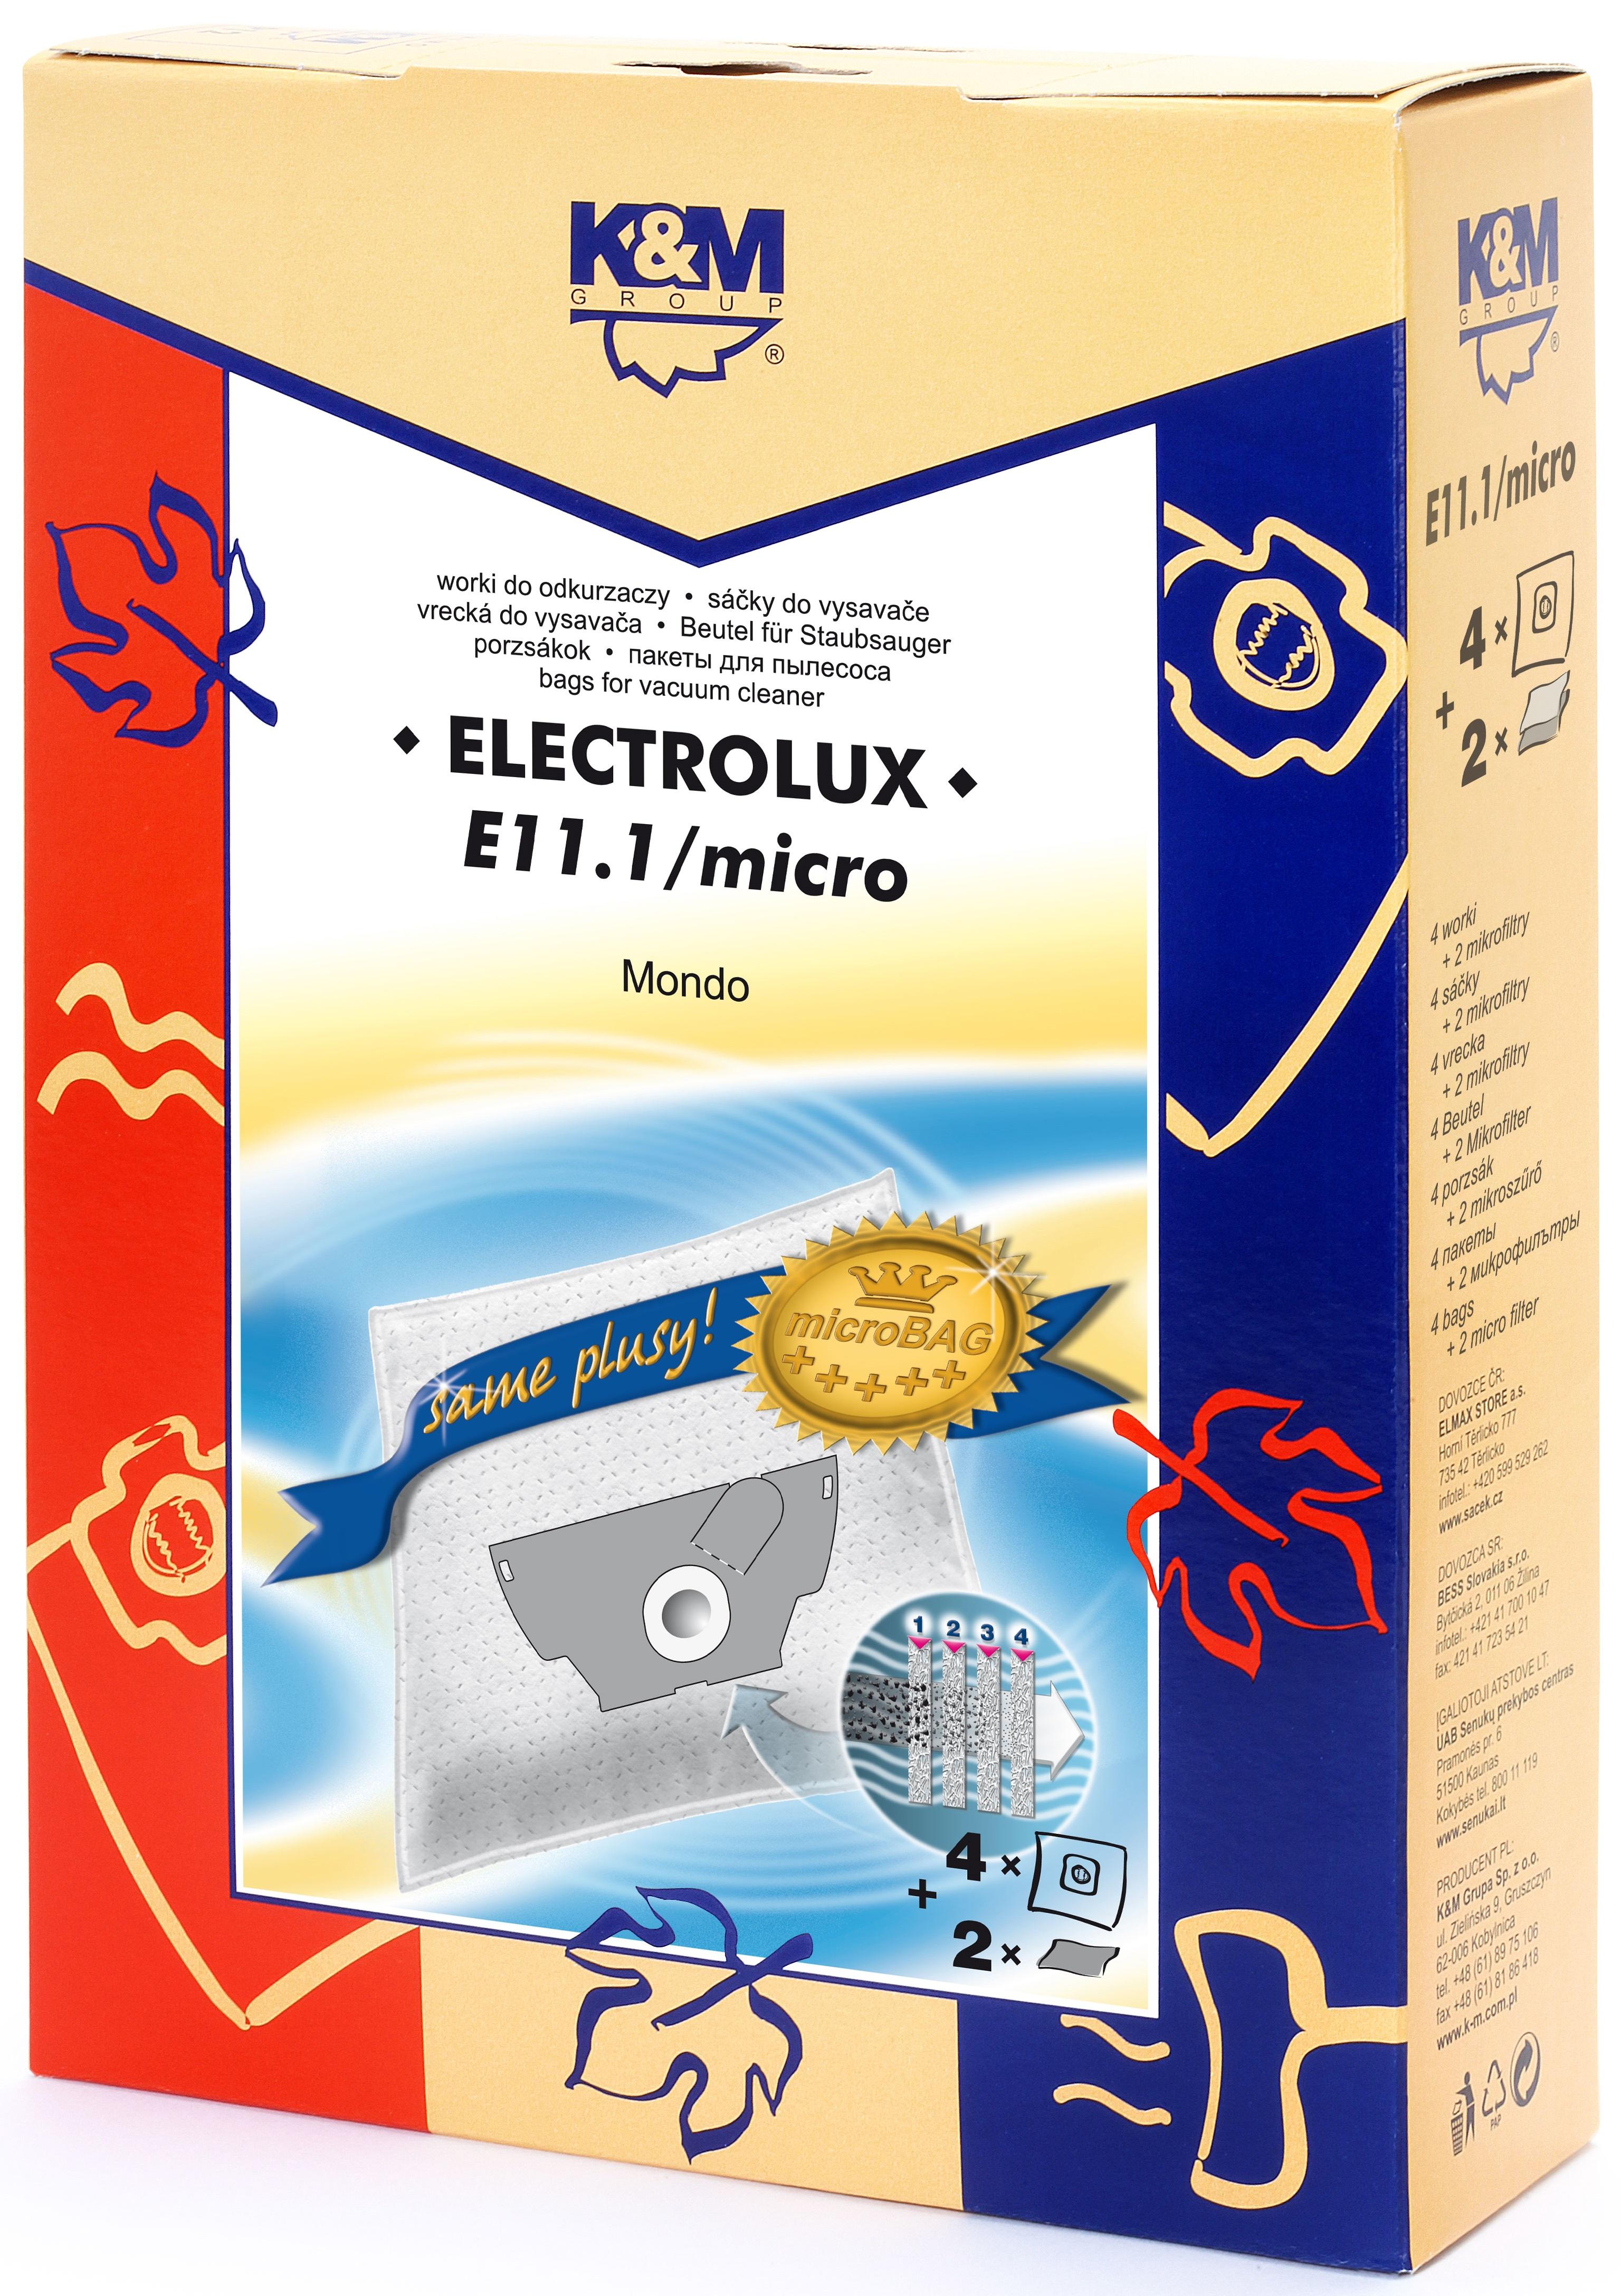 Sac aspirator Electrolux Mondo, sintetic, 4X saci + 2 filtre, K&M  [0]